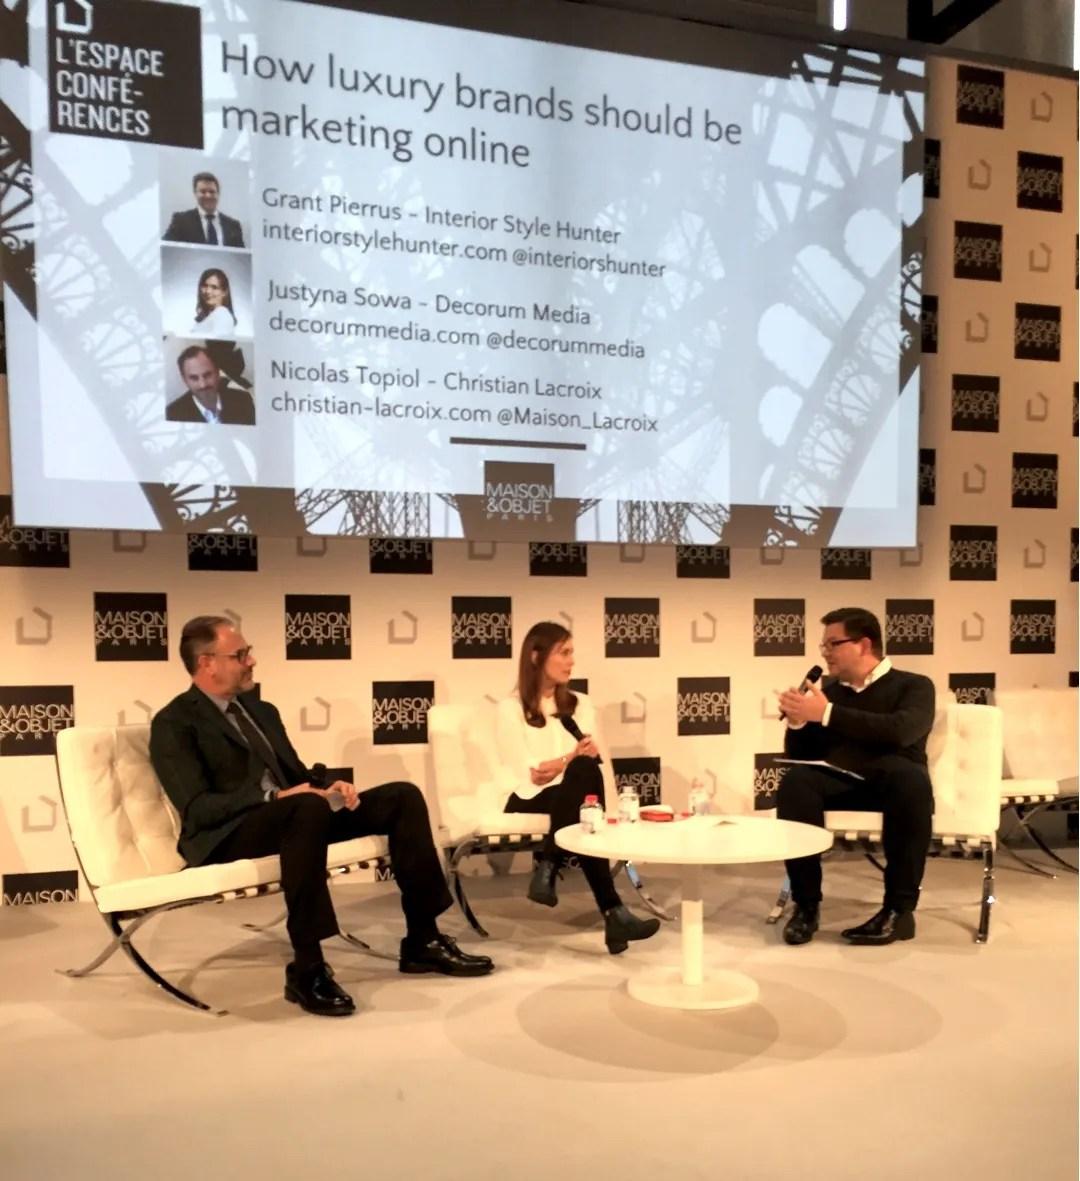 marketing luxury brands online